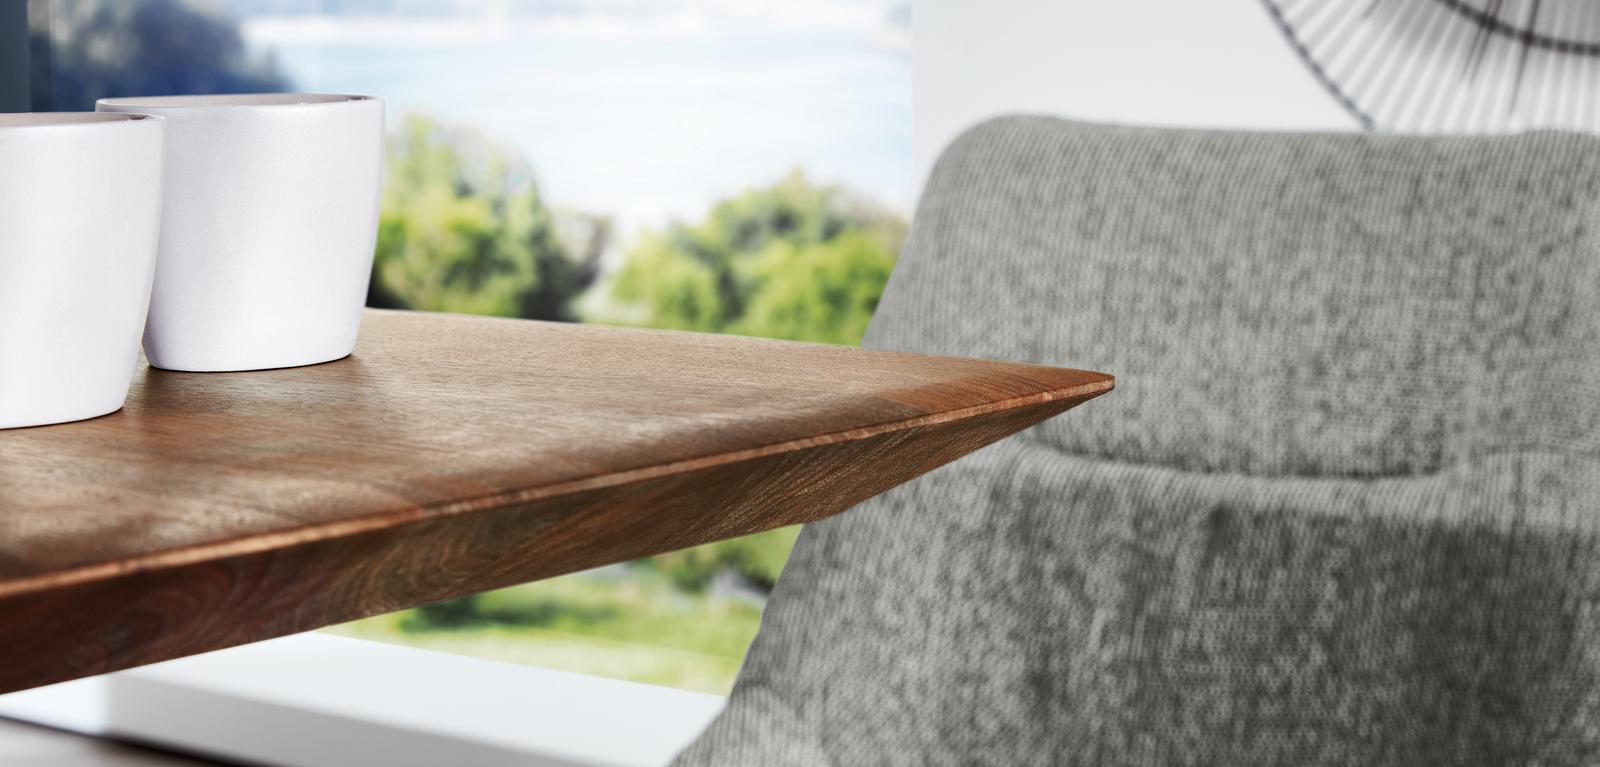 Lehnensteppung des Sessel Preston in grauem Stoff mit Ecke des Holztisches.